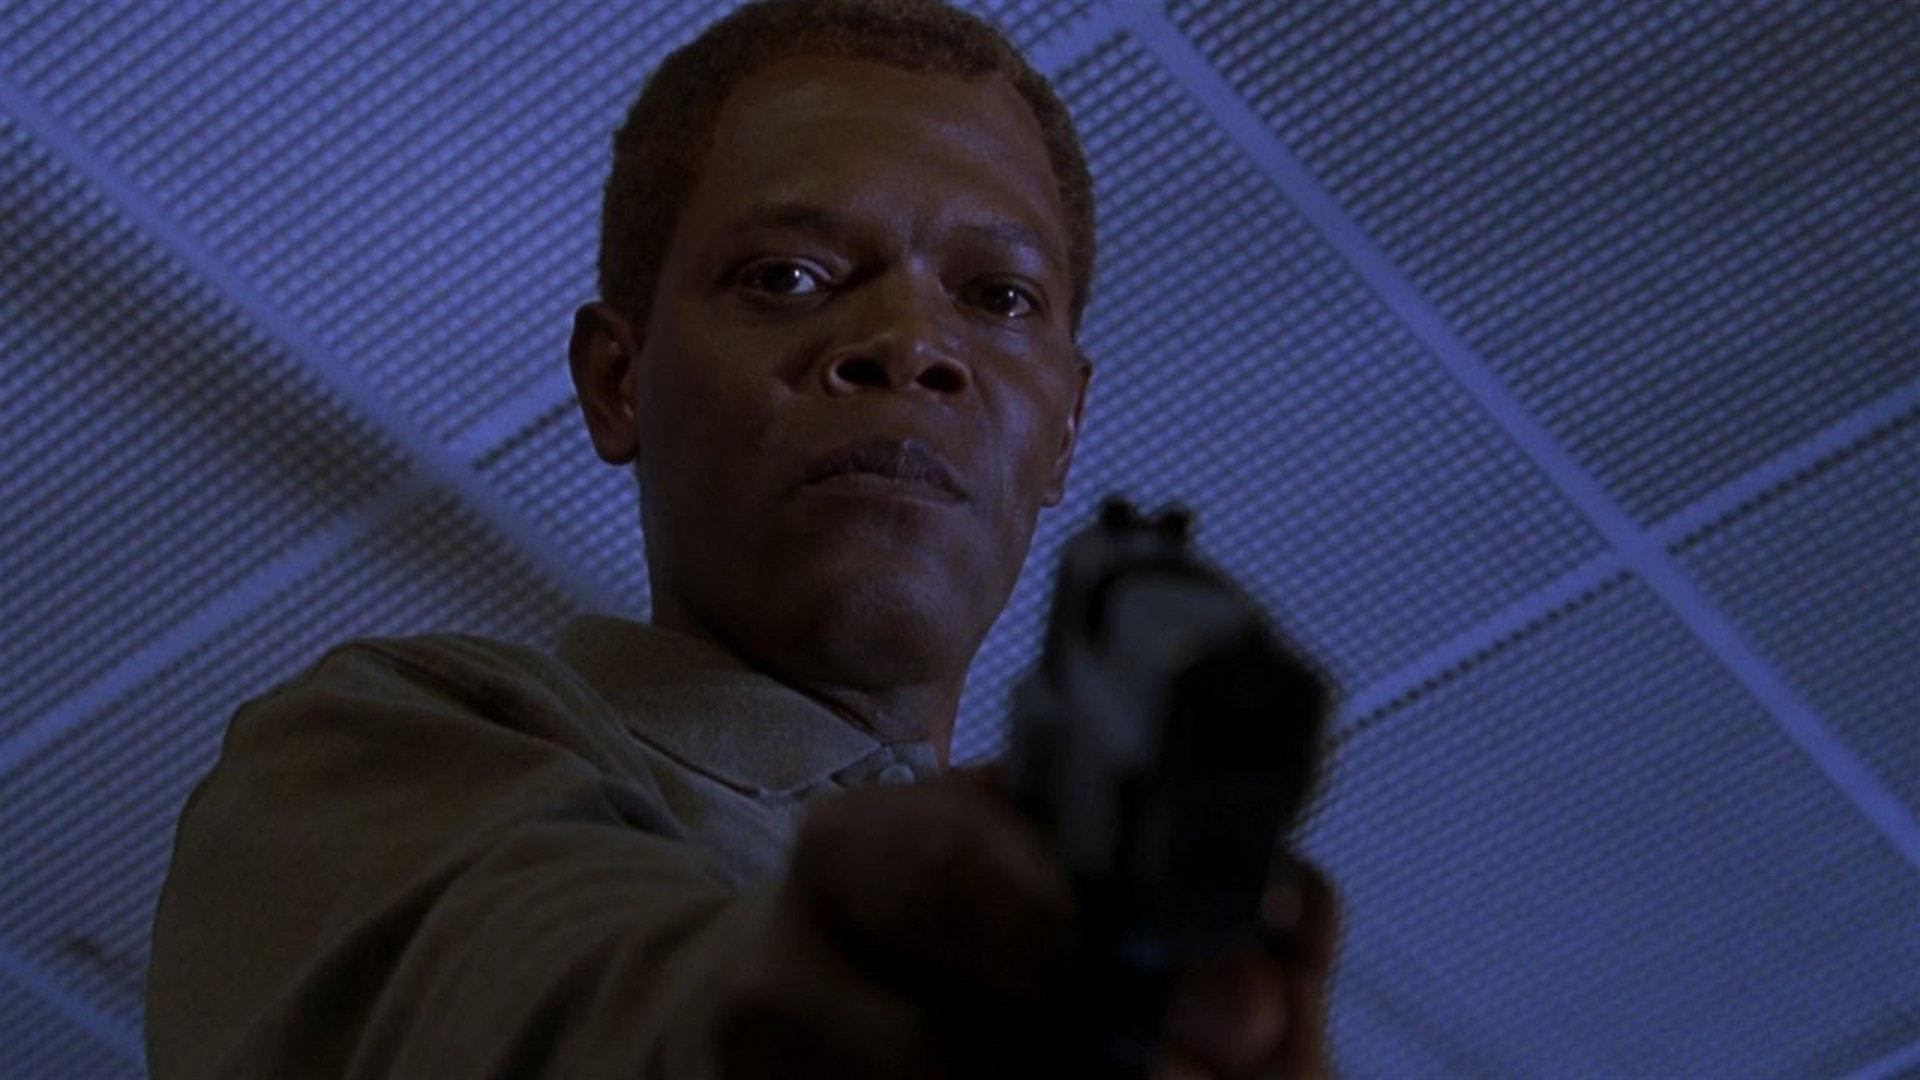 Samuel L. Jackson in 'The Negotiator' (1998)